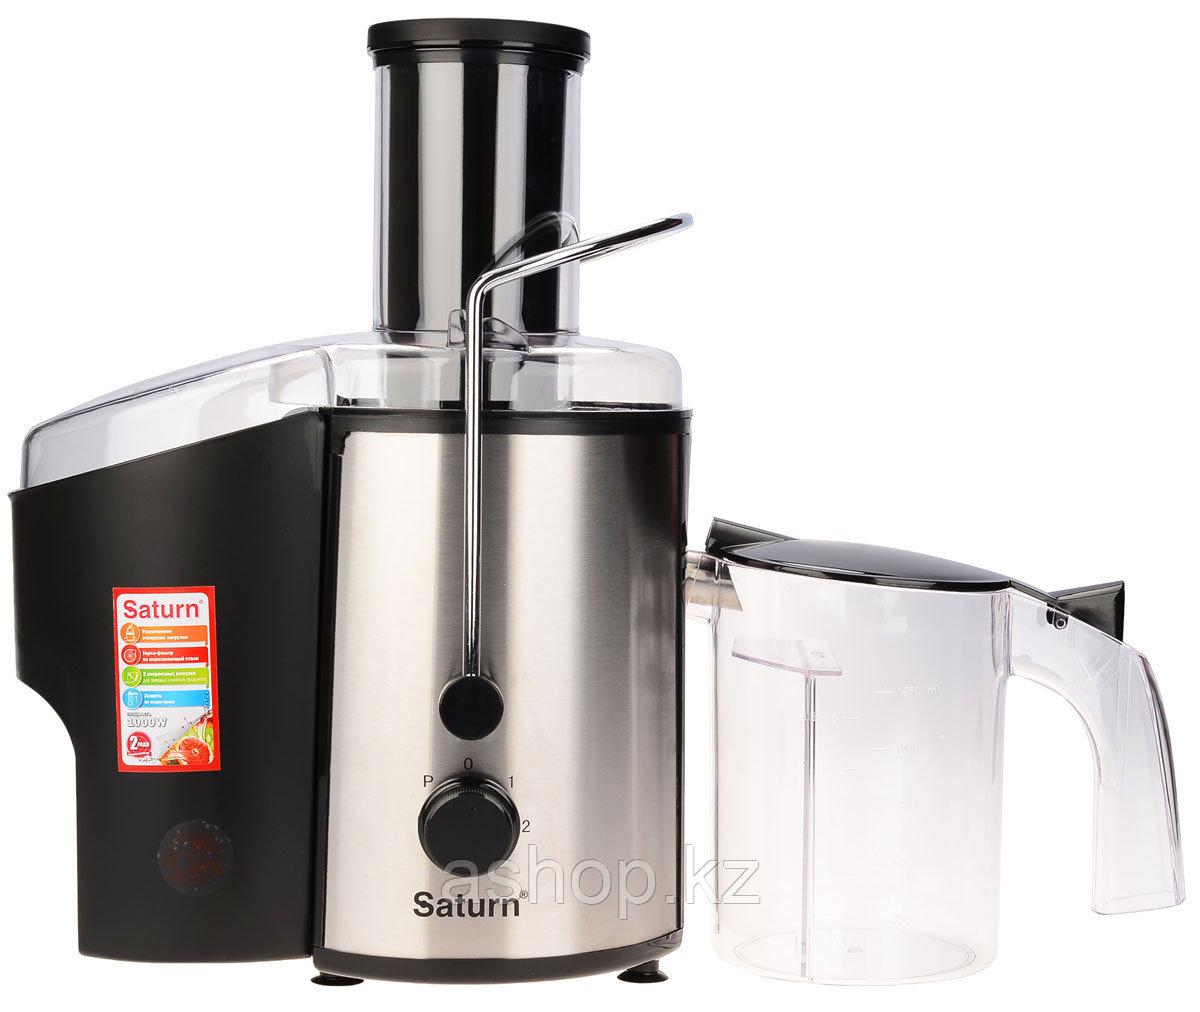 Соковыжималка центробежная для овощей и фруктов Saturn ST-FP8083, 1000 Вт, Объем сока: 1,25 л, Защита: От пере